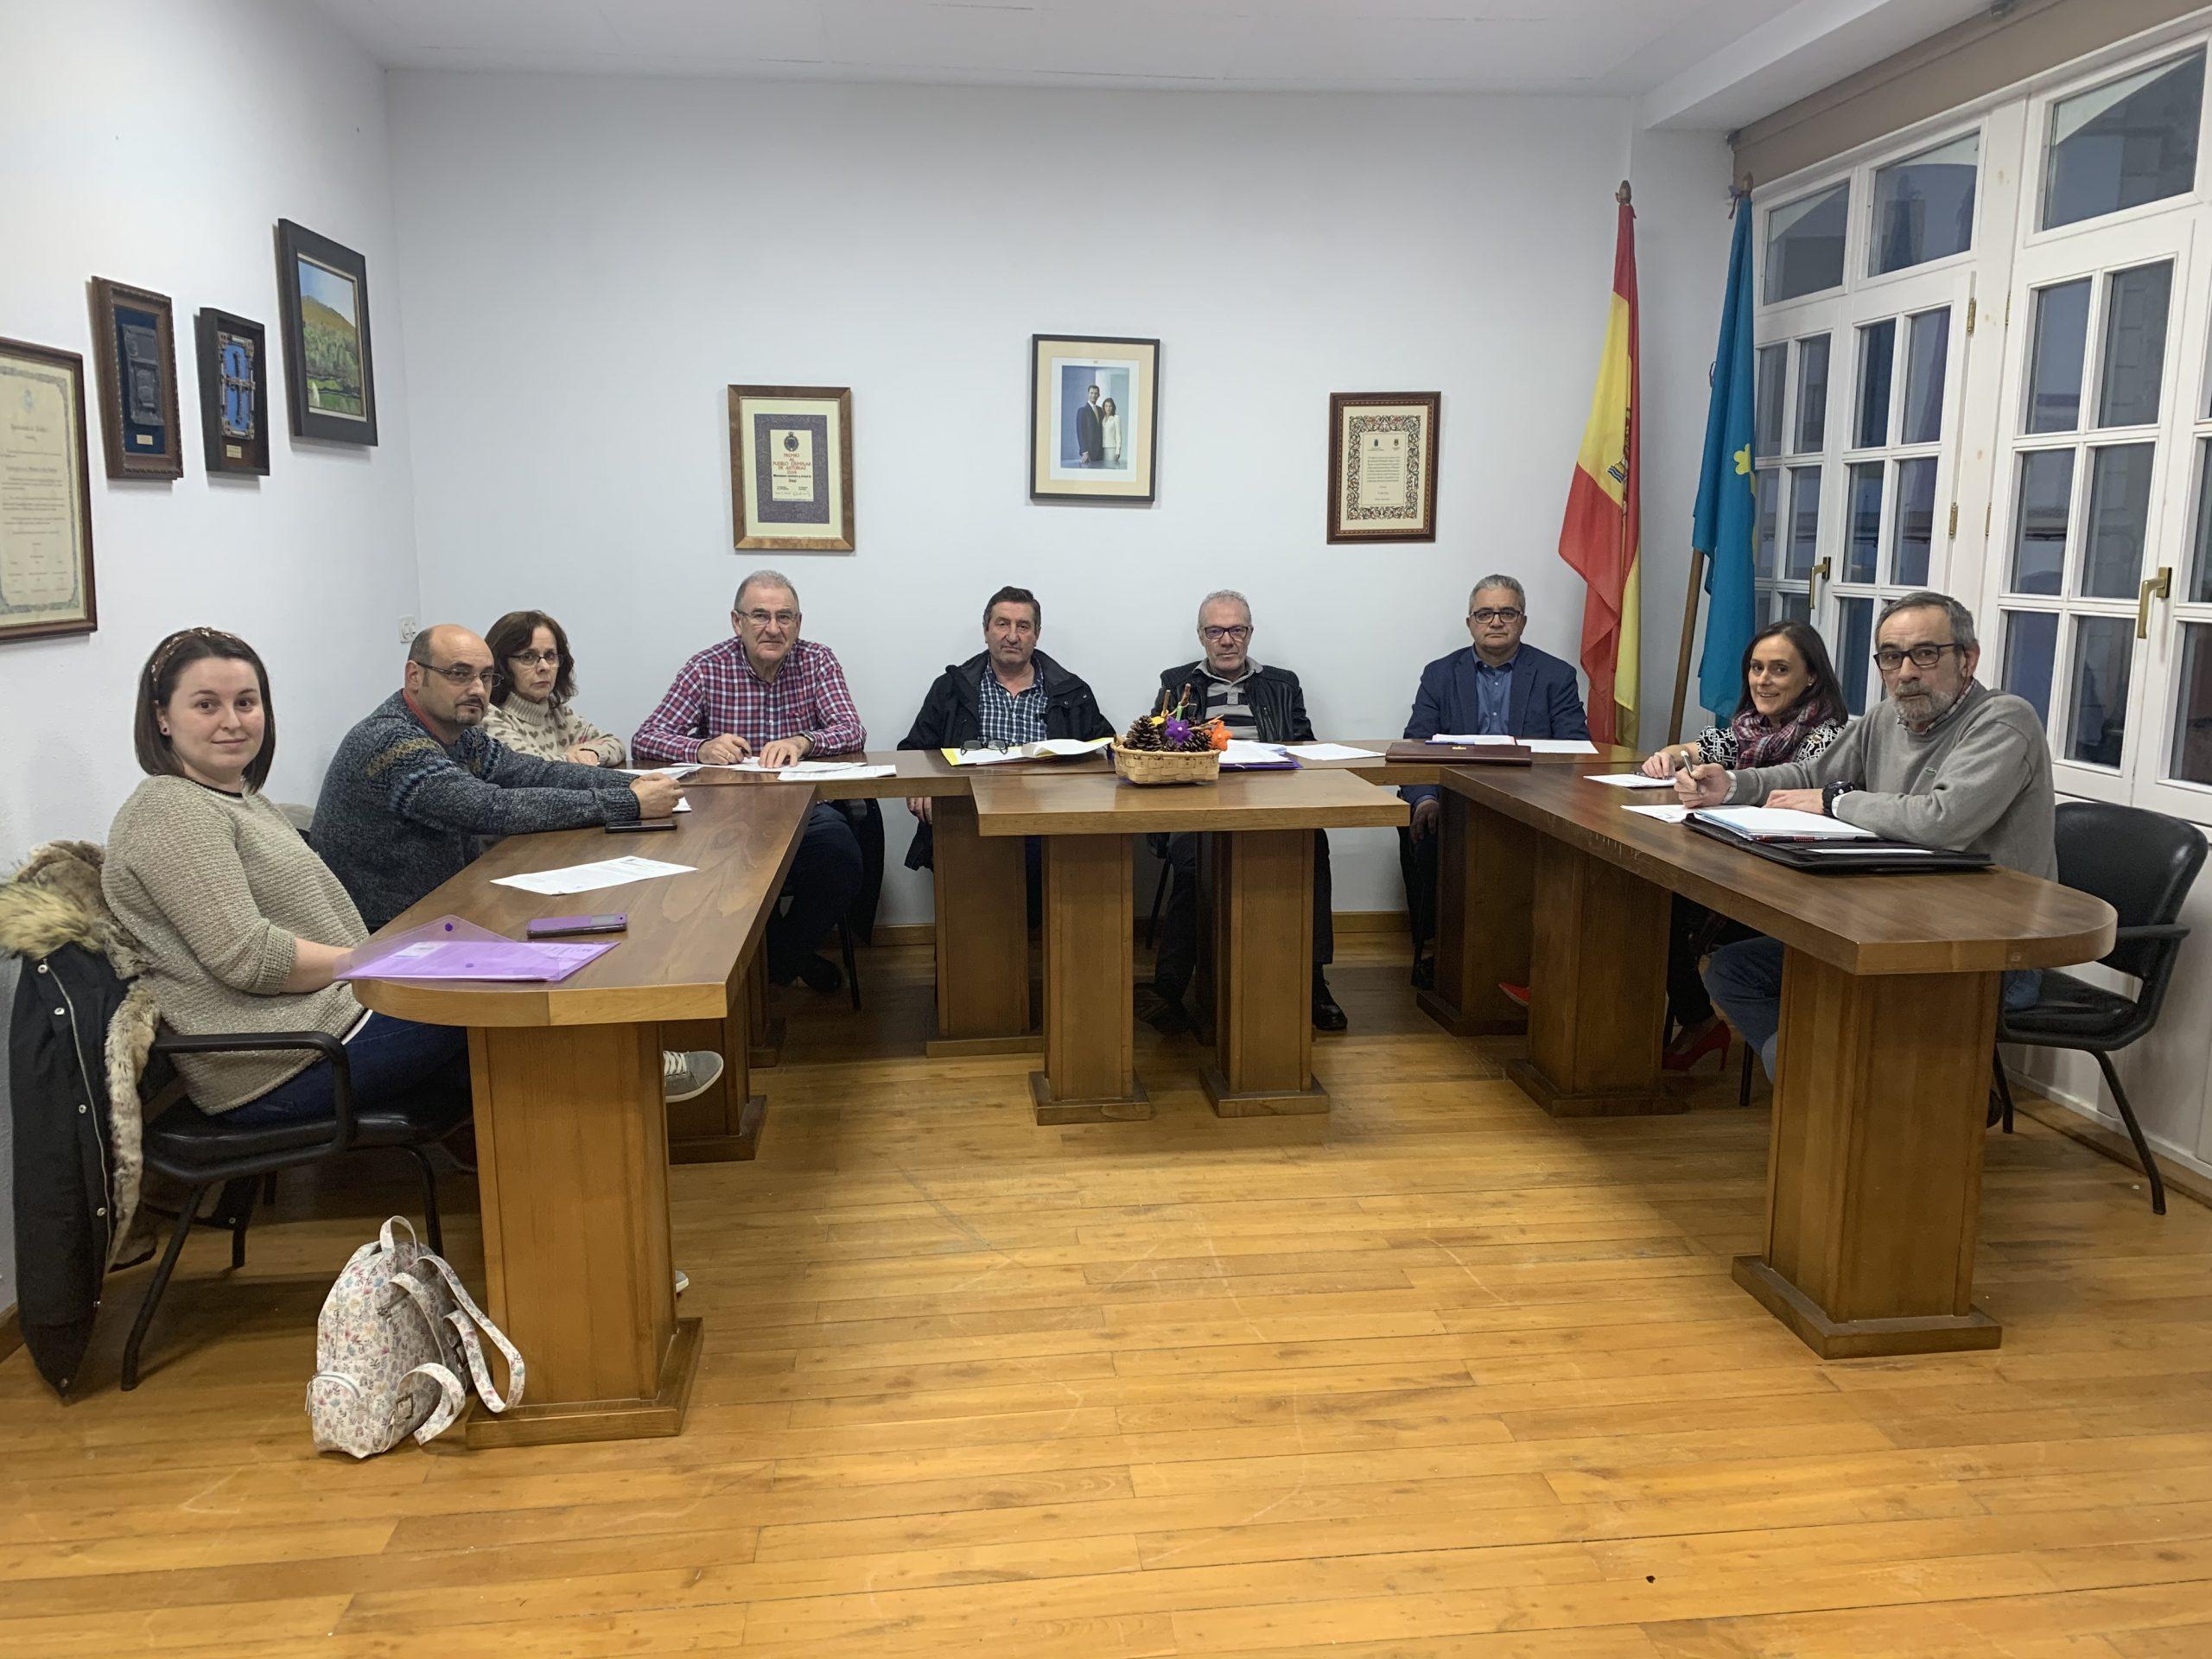 """El ayuntamiento de Boal acepta la cesión de la vivienda de una familia, """"que sería ideal para centro de salud"""""""